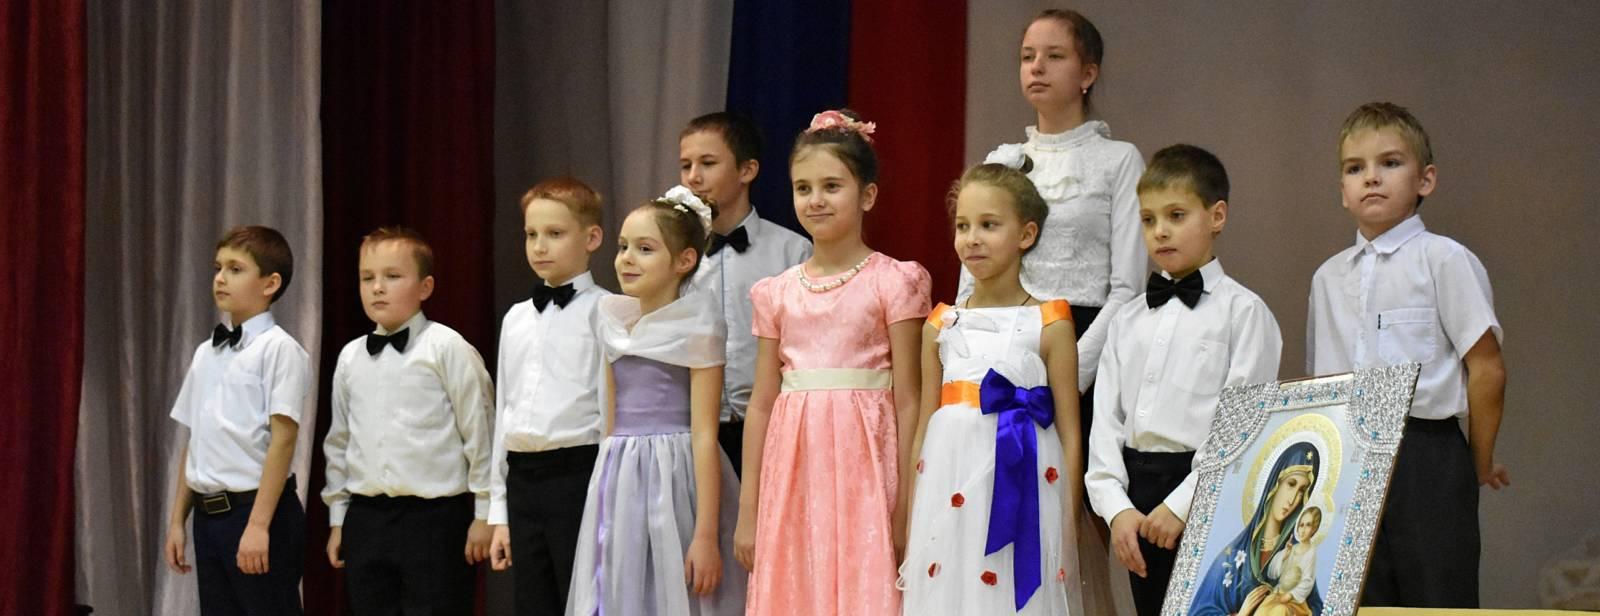 Концерт в центре детского творчества г. Урюпинска, посвященный Дню матери.